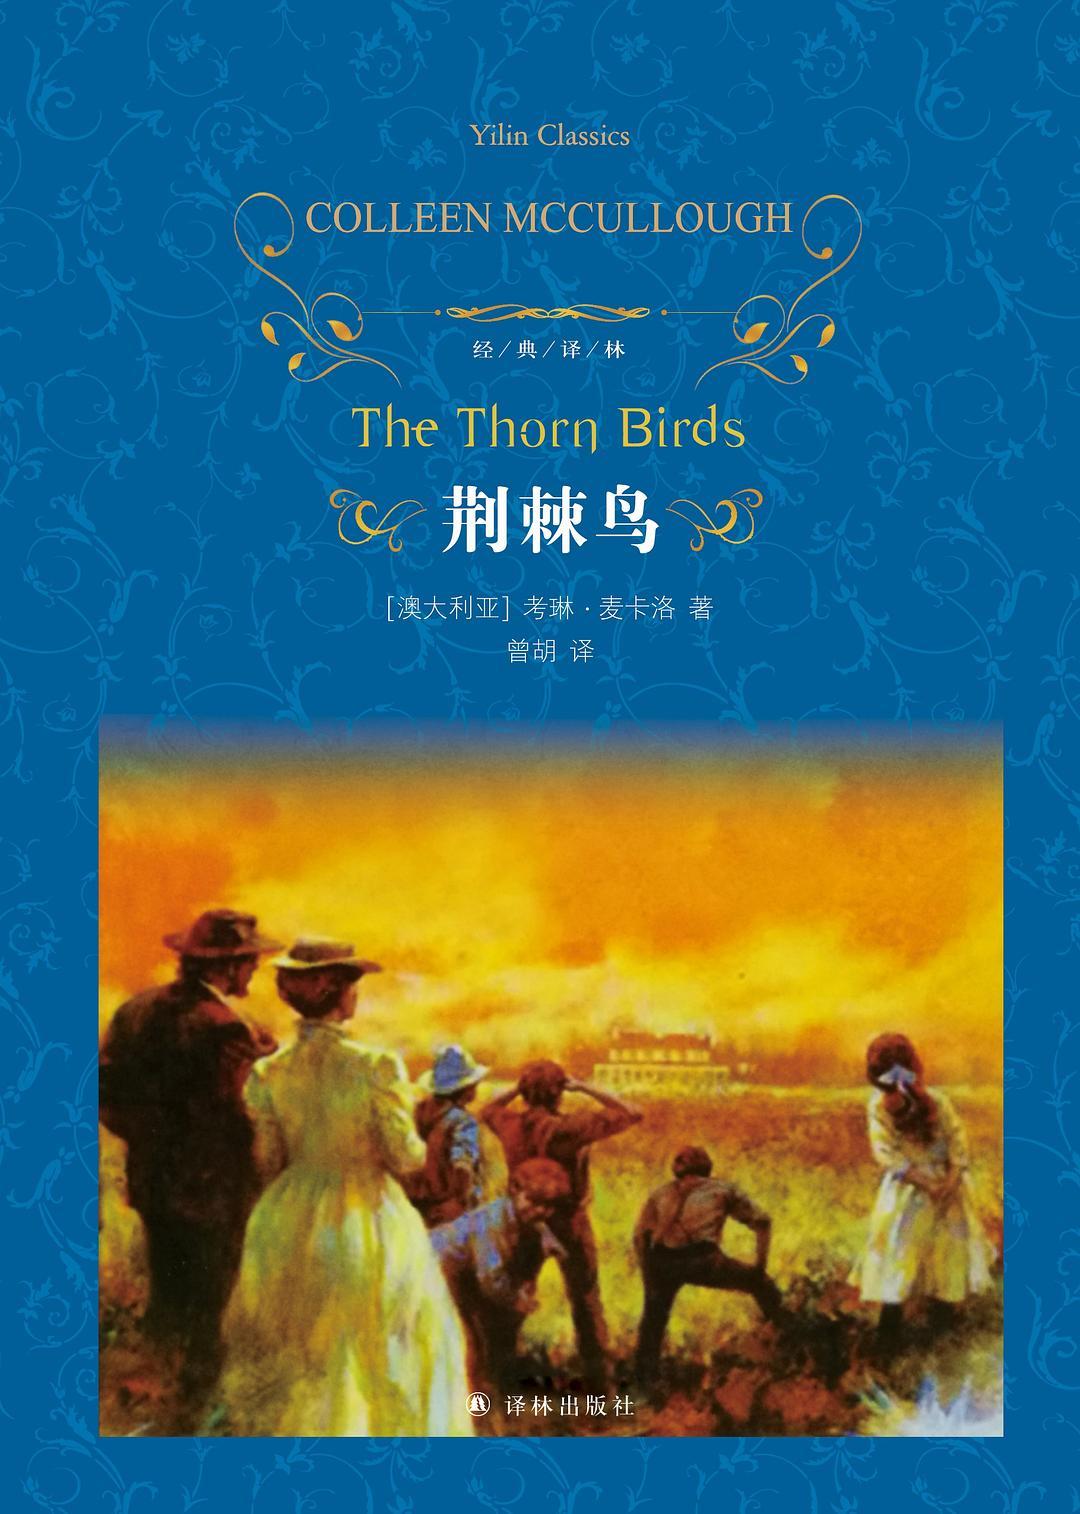 译林版曾胡译《荆棘鸟》书封。